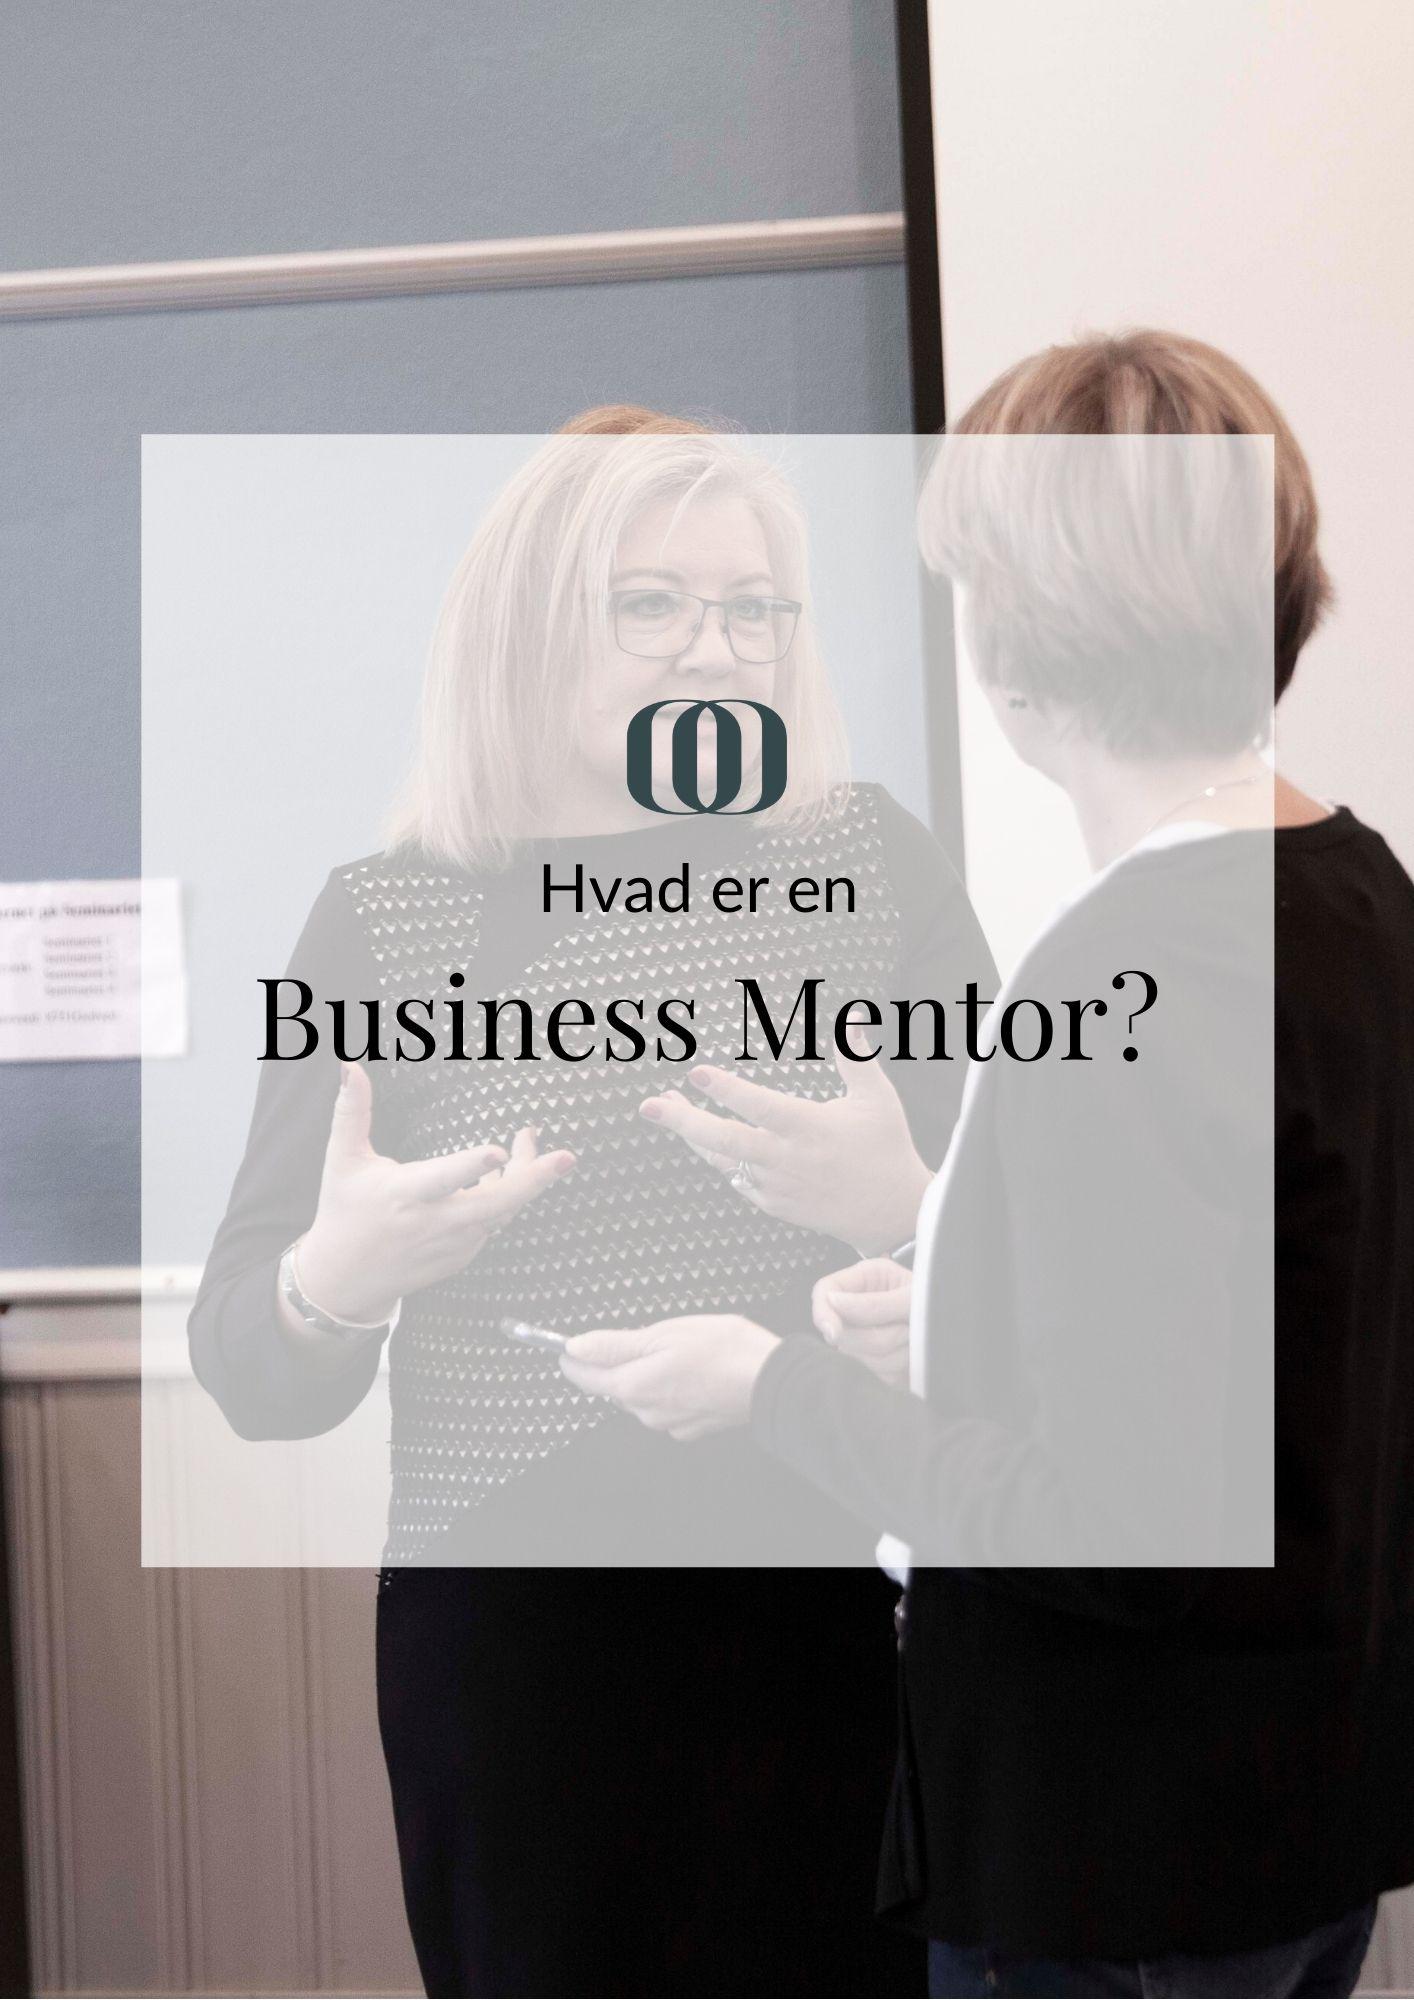 Hvad er en business mentor?